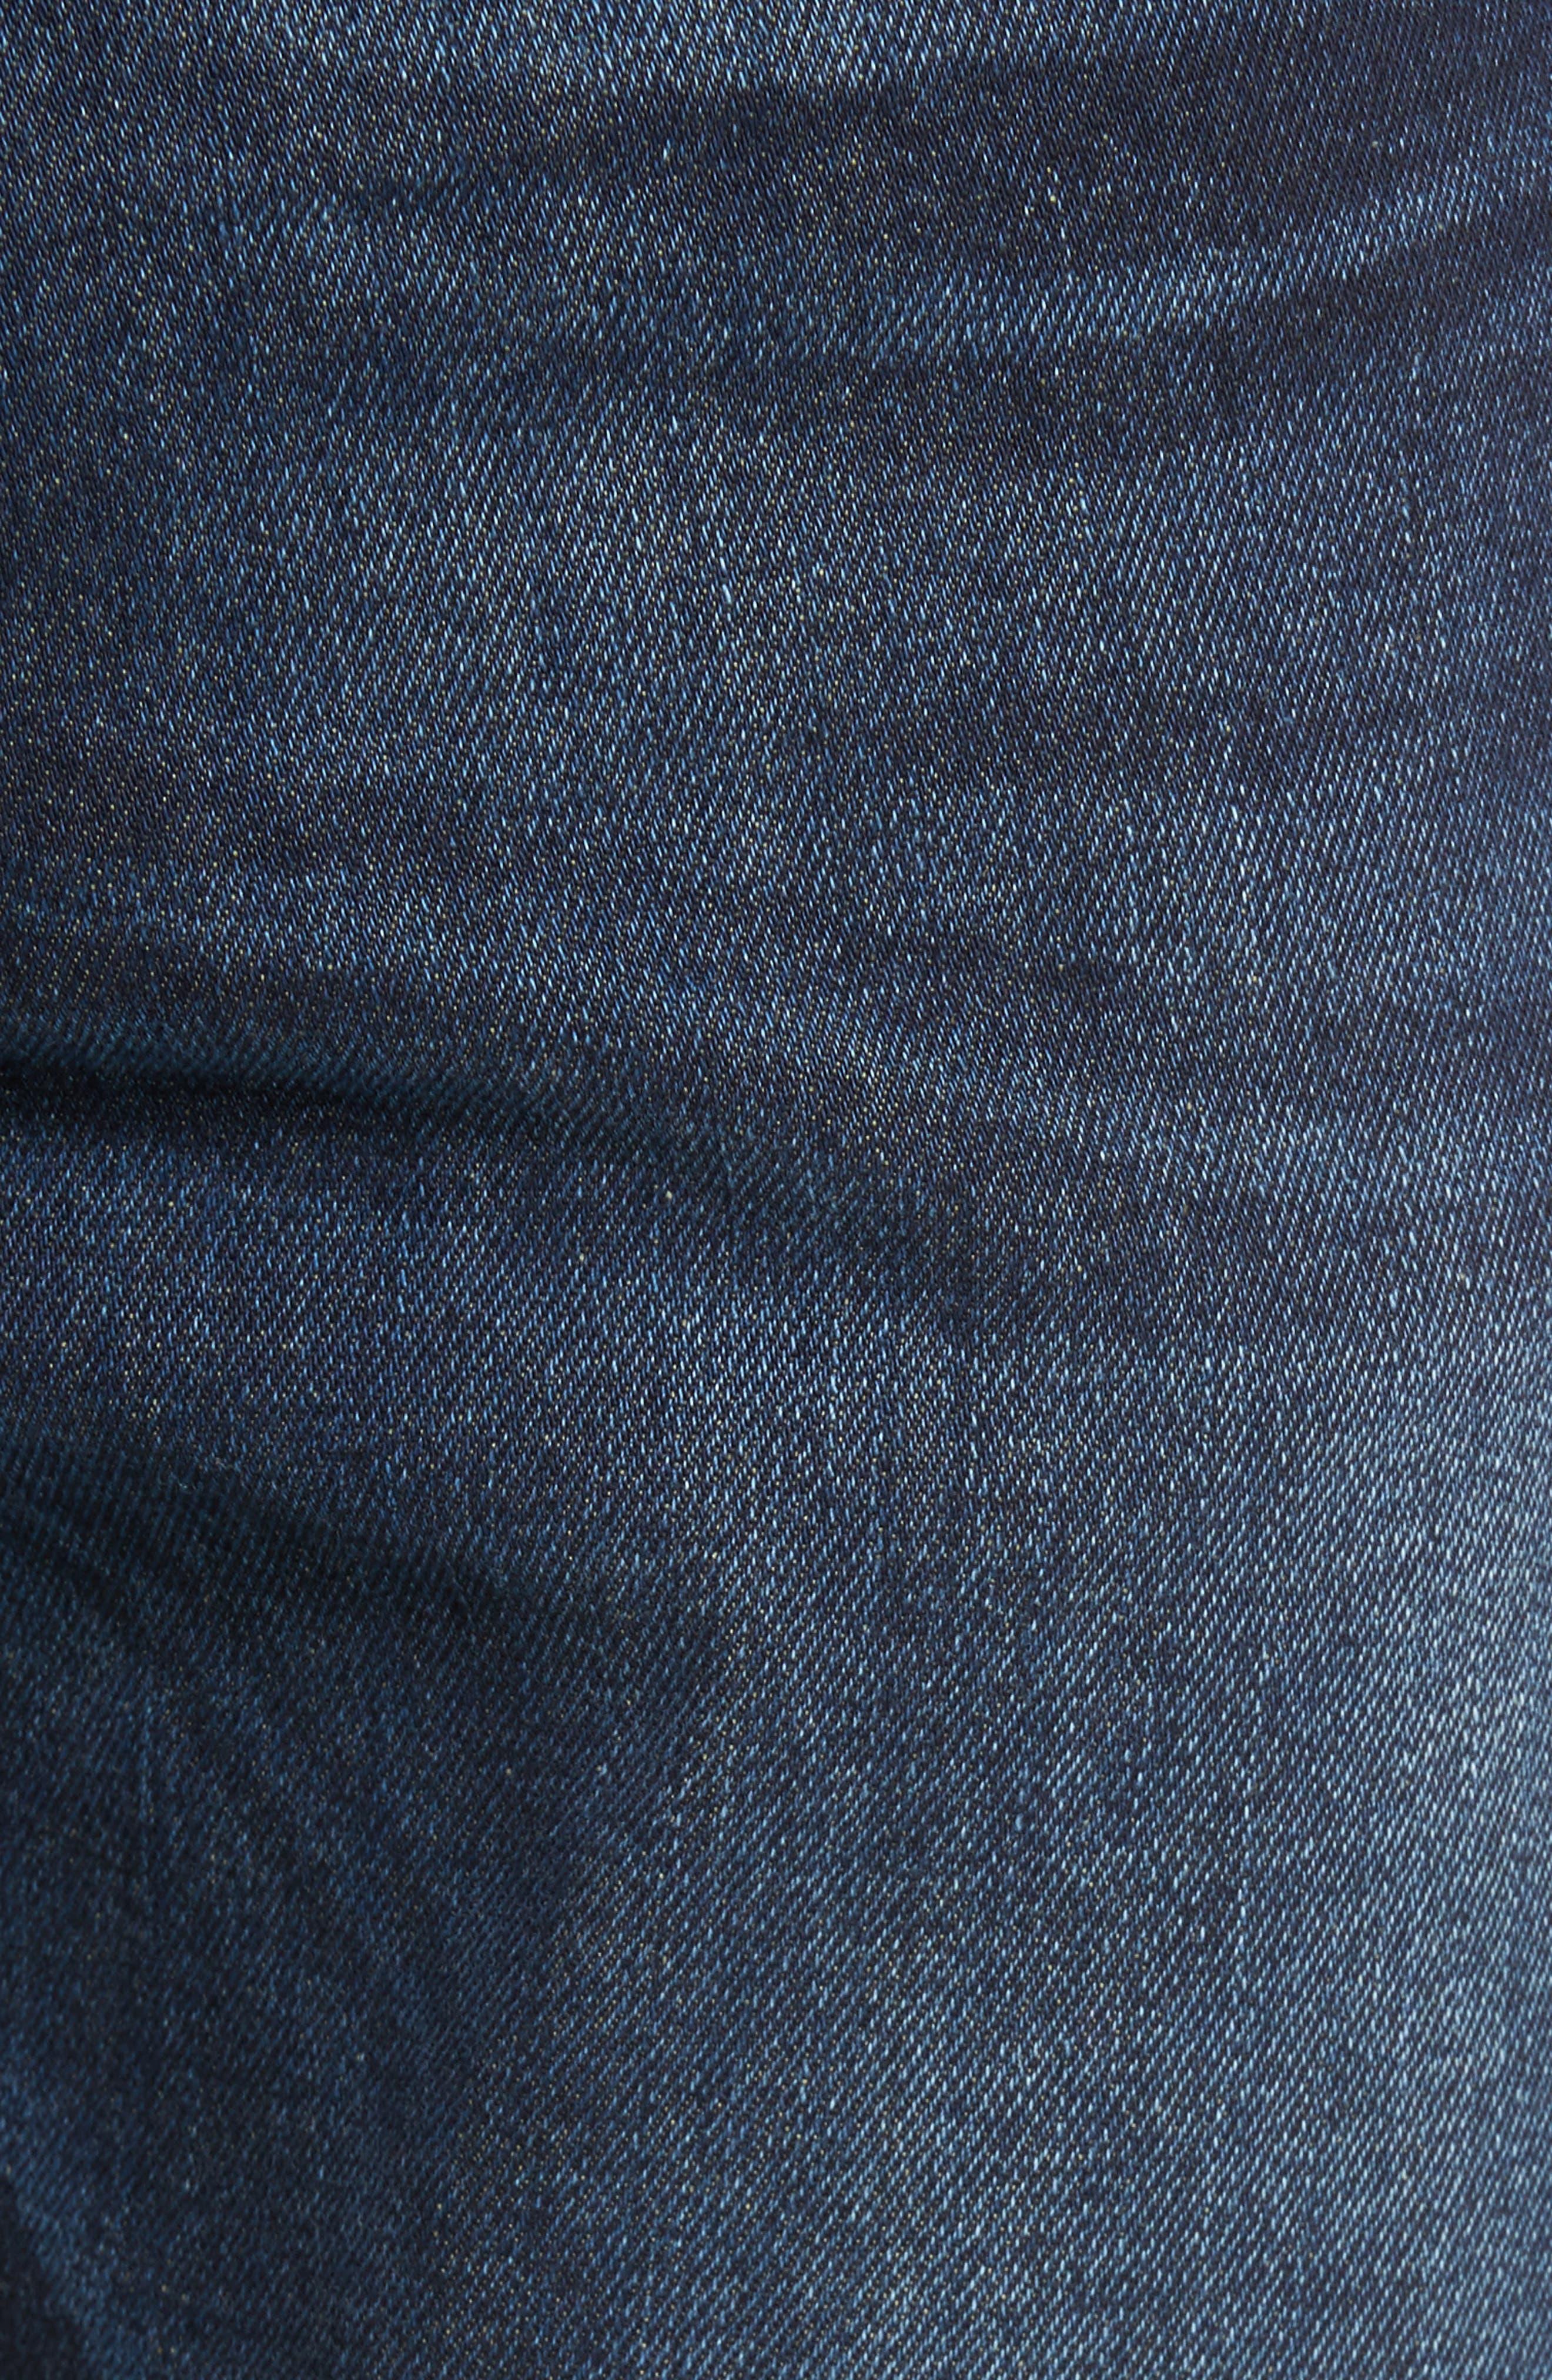 Buster Slim Straight Leg Jeans,                             Alternate thumbnail 4, color,                             Denim